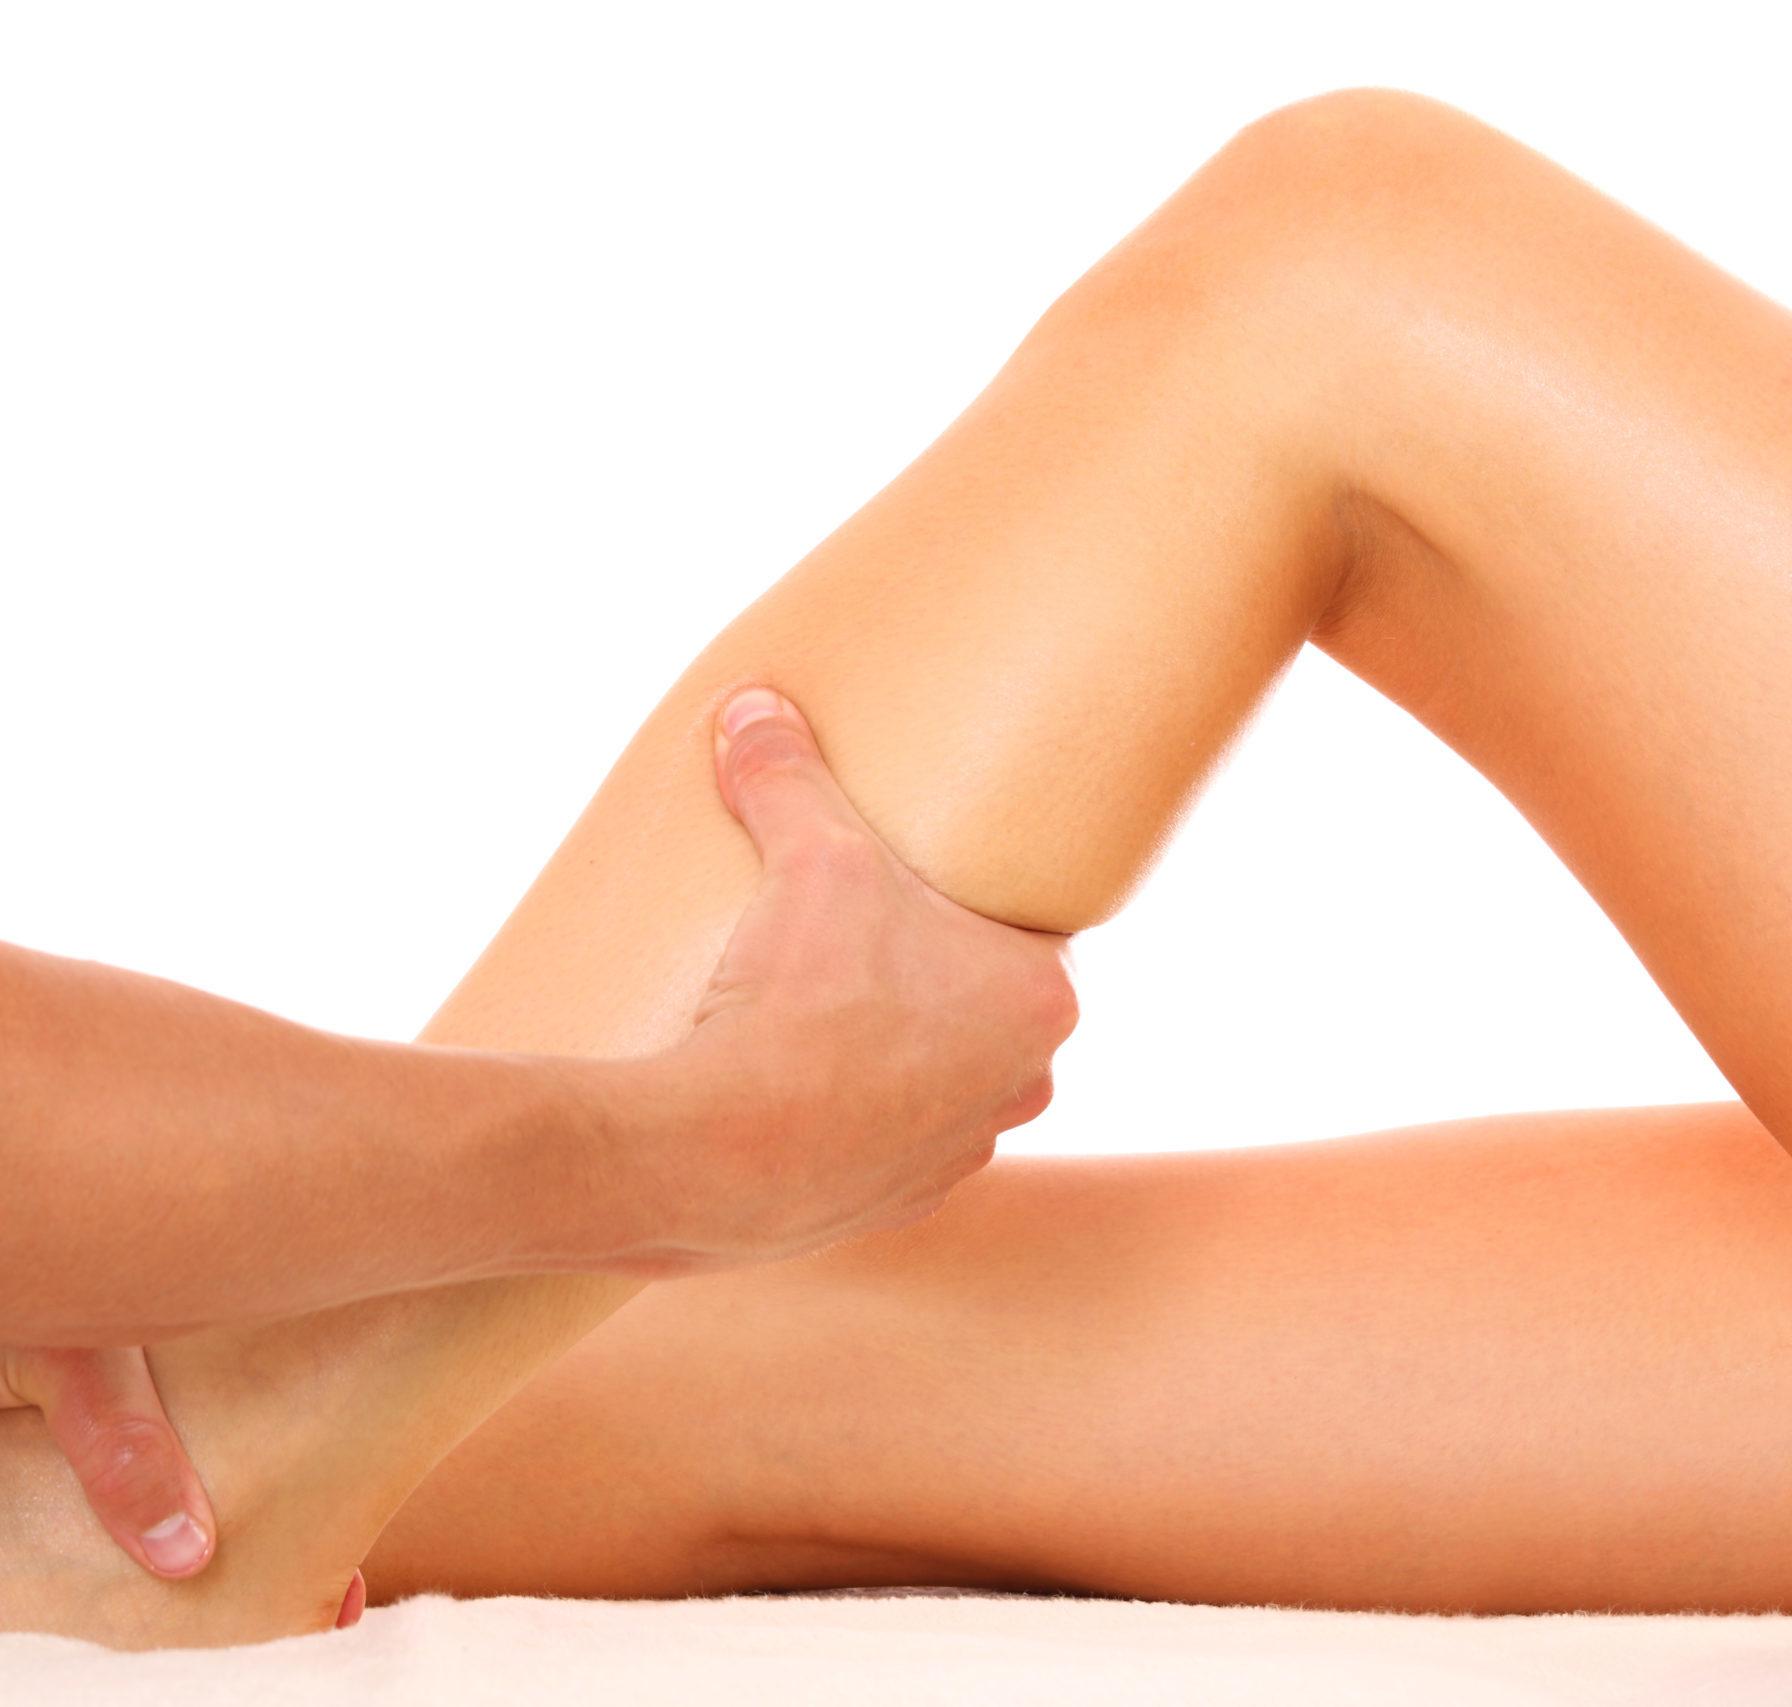 leziuni la genunchi decât să trateze